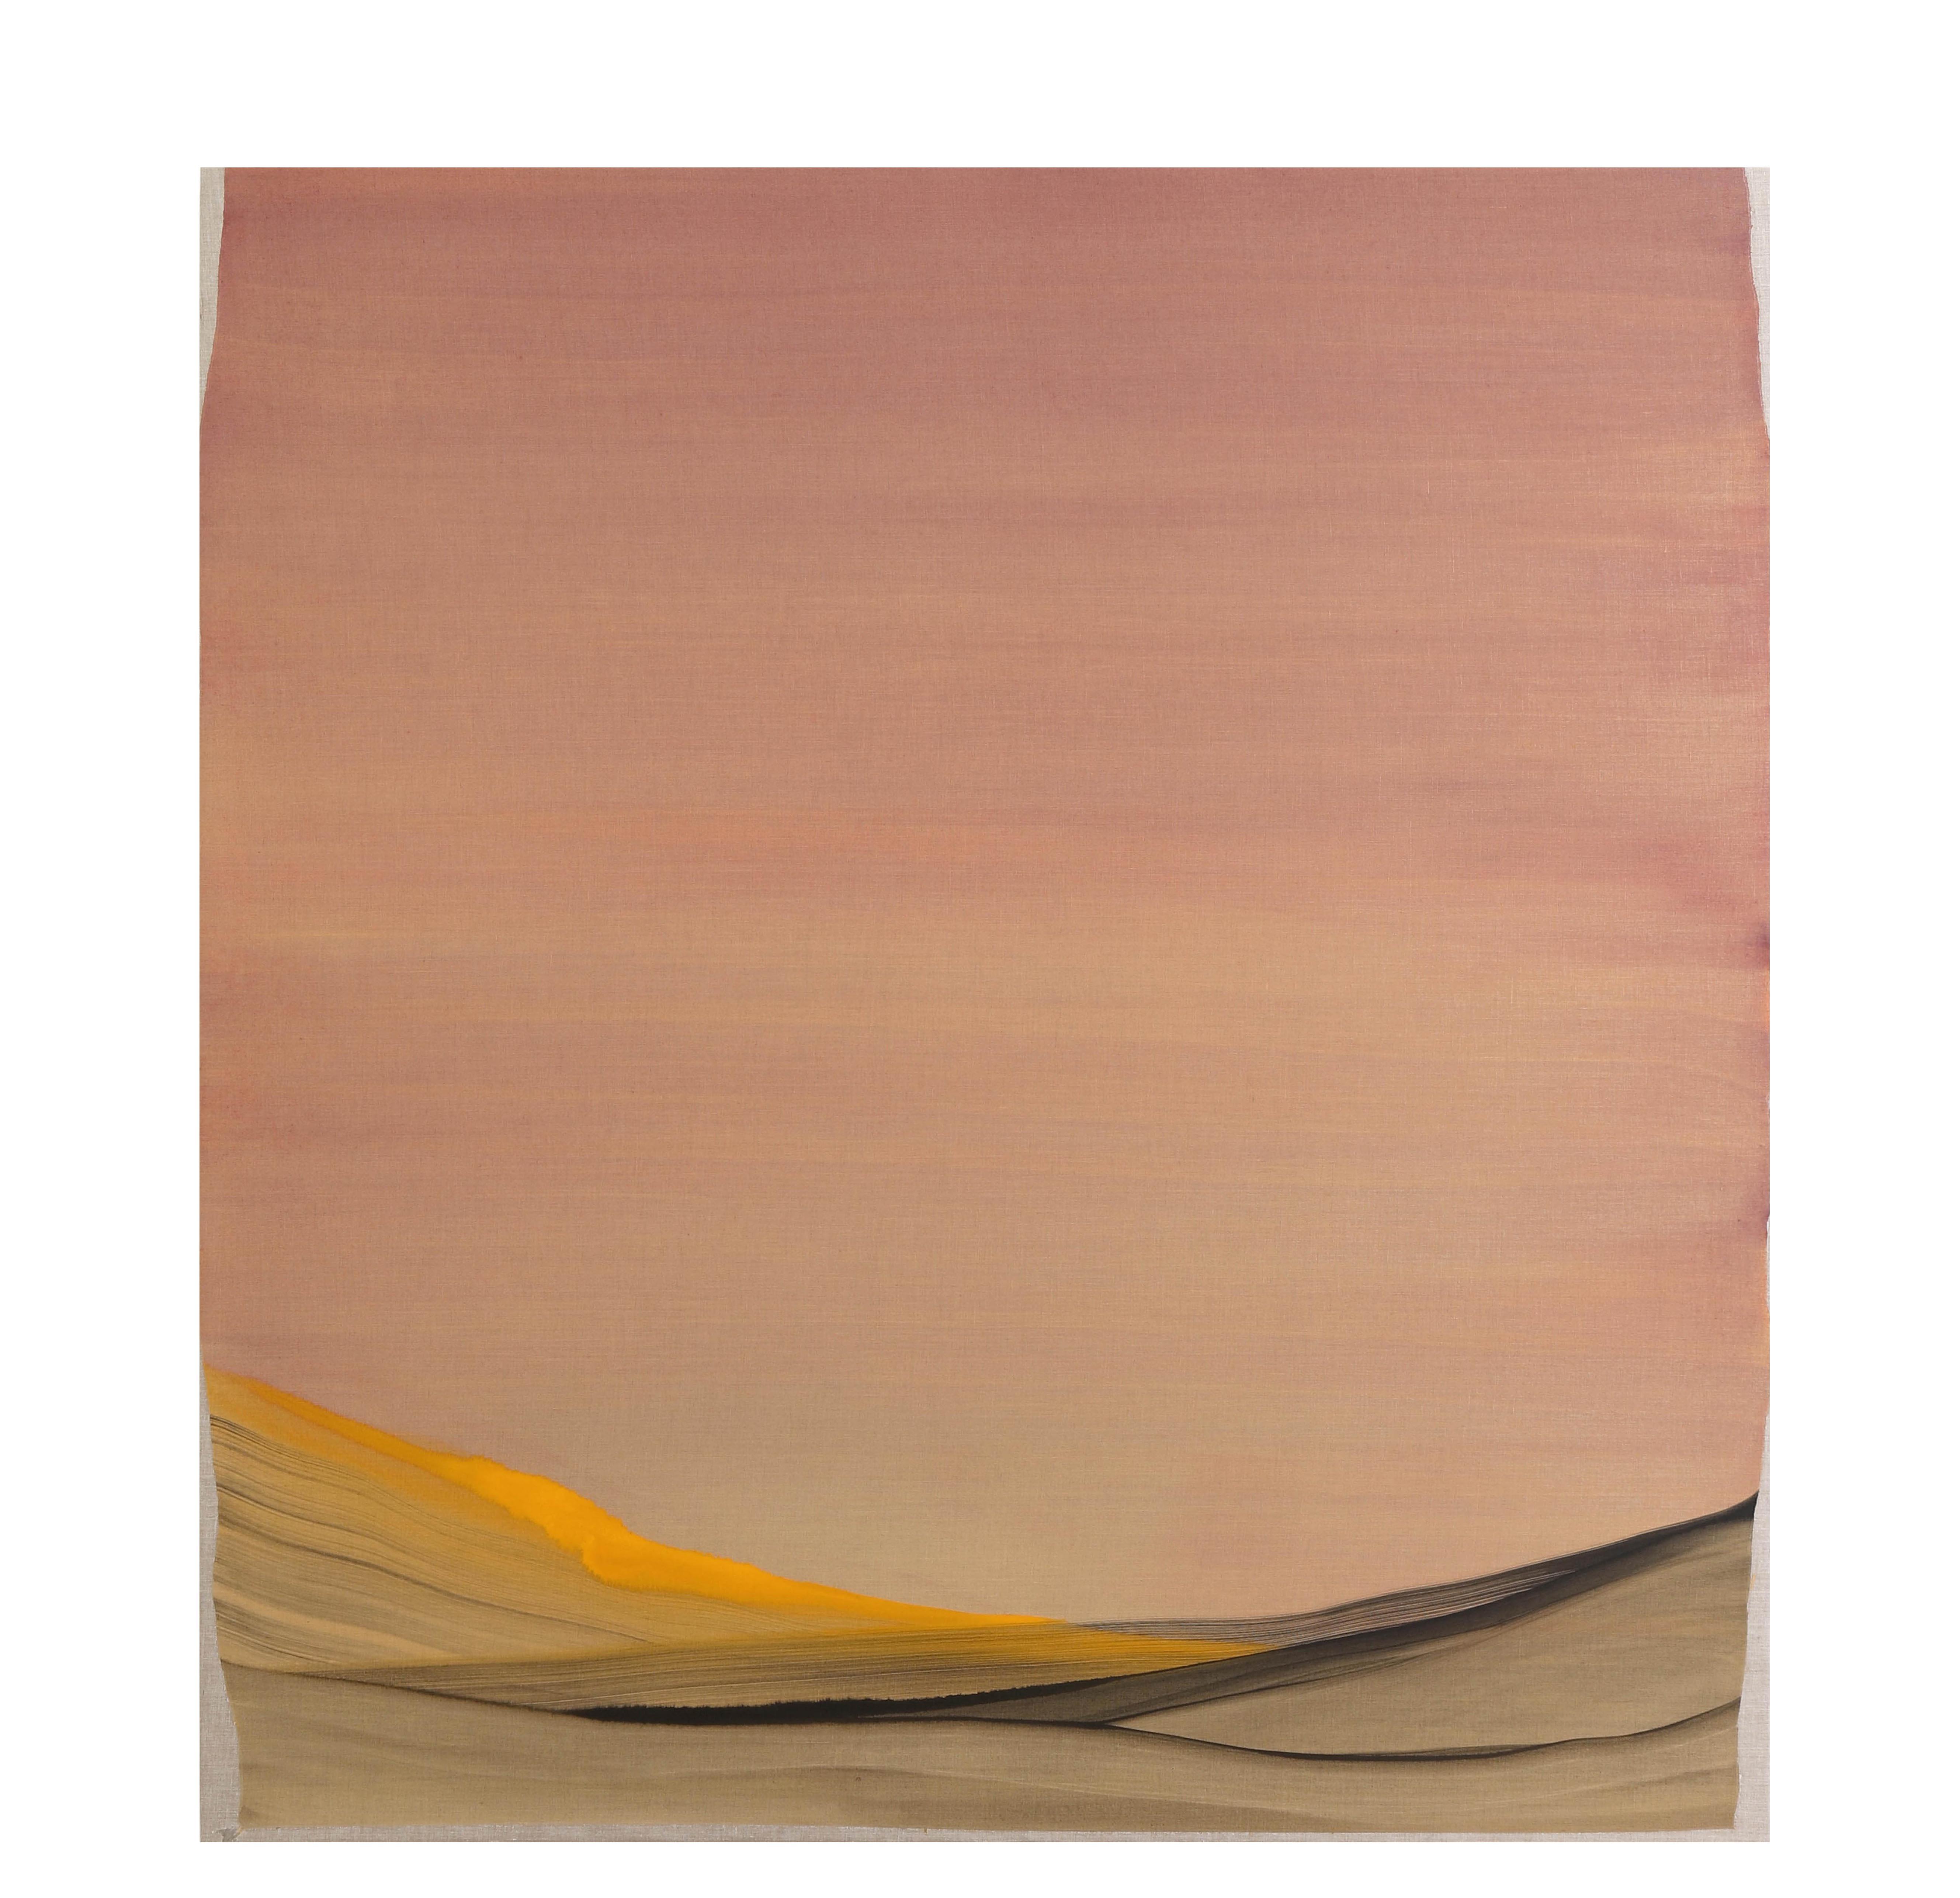 Vadum IV. 2019. Acrílico sobre lino. 190 x 174 cm.